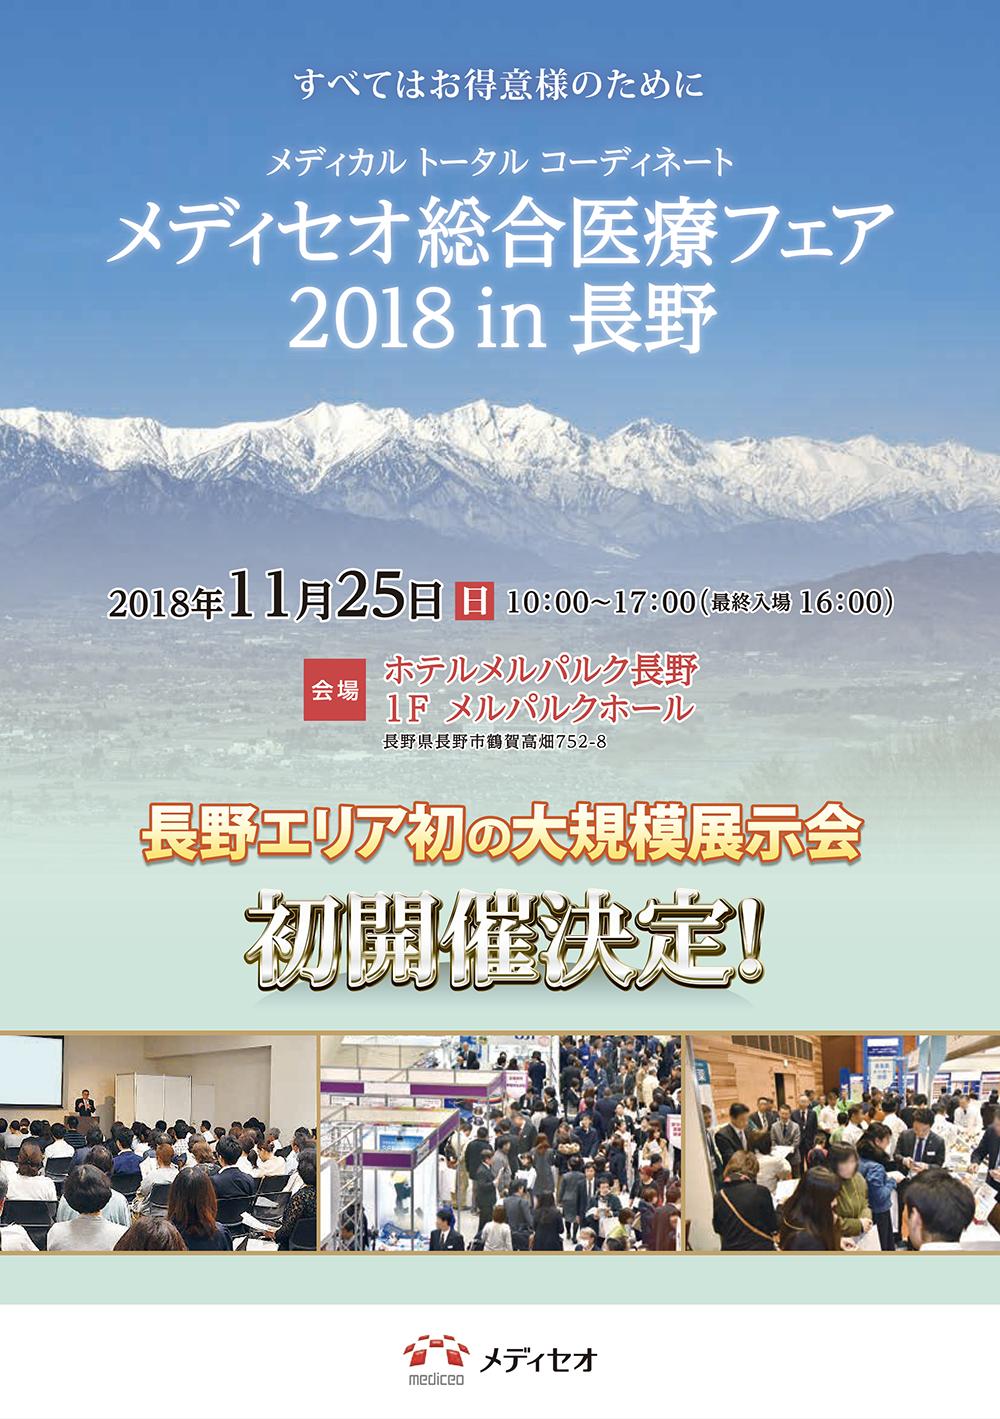 nagano2018_gc_01